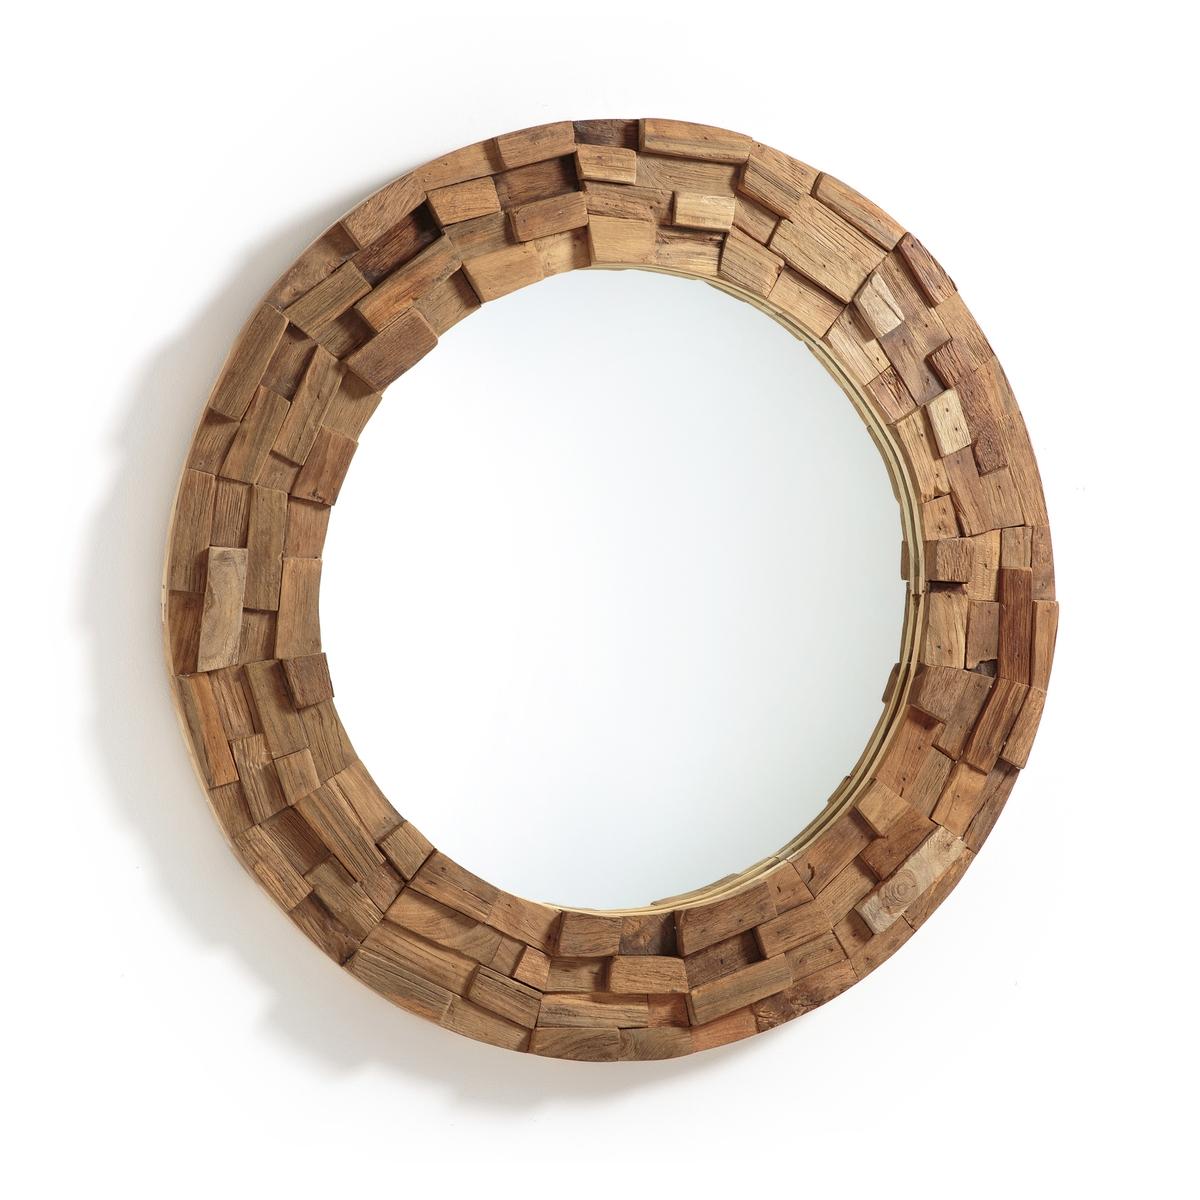 Зеркало из тикового дерева Ø80 см, Romania romania in wwi